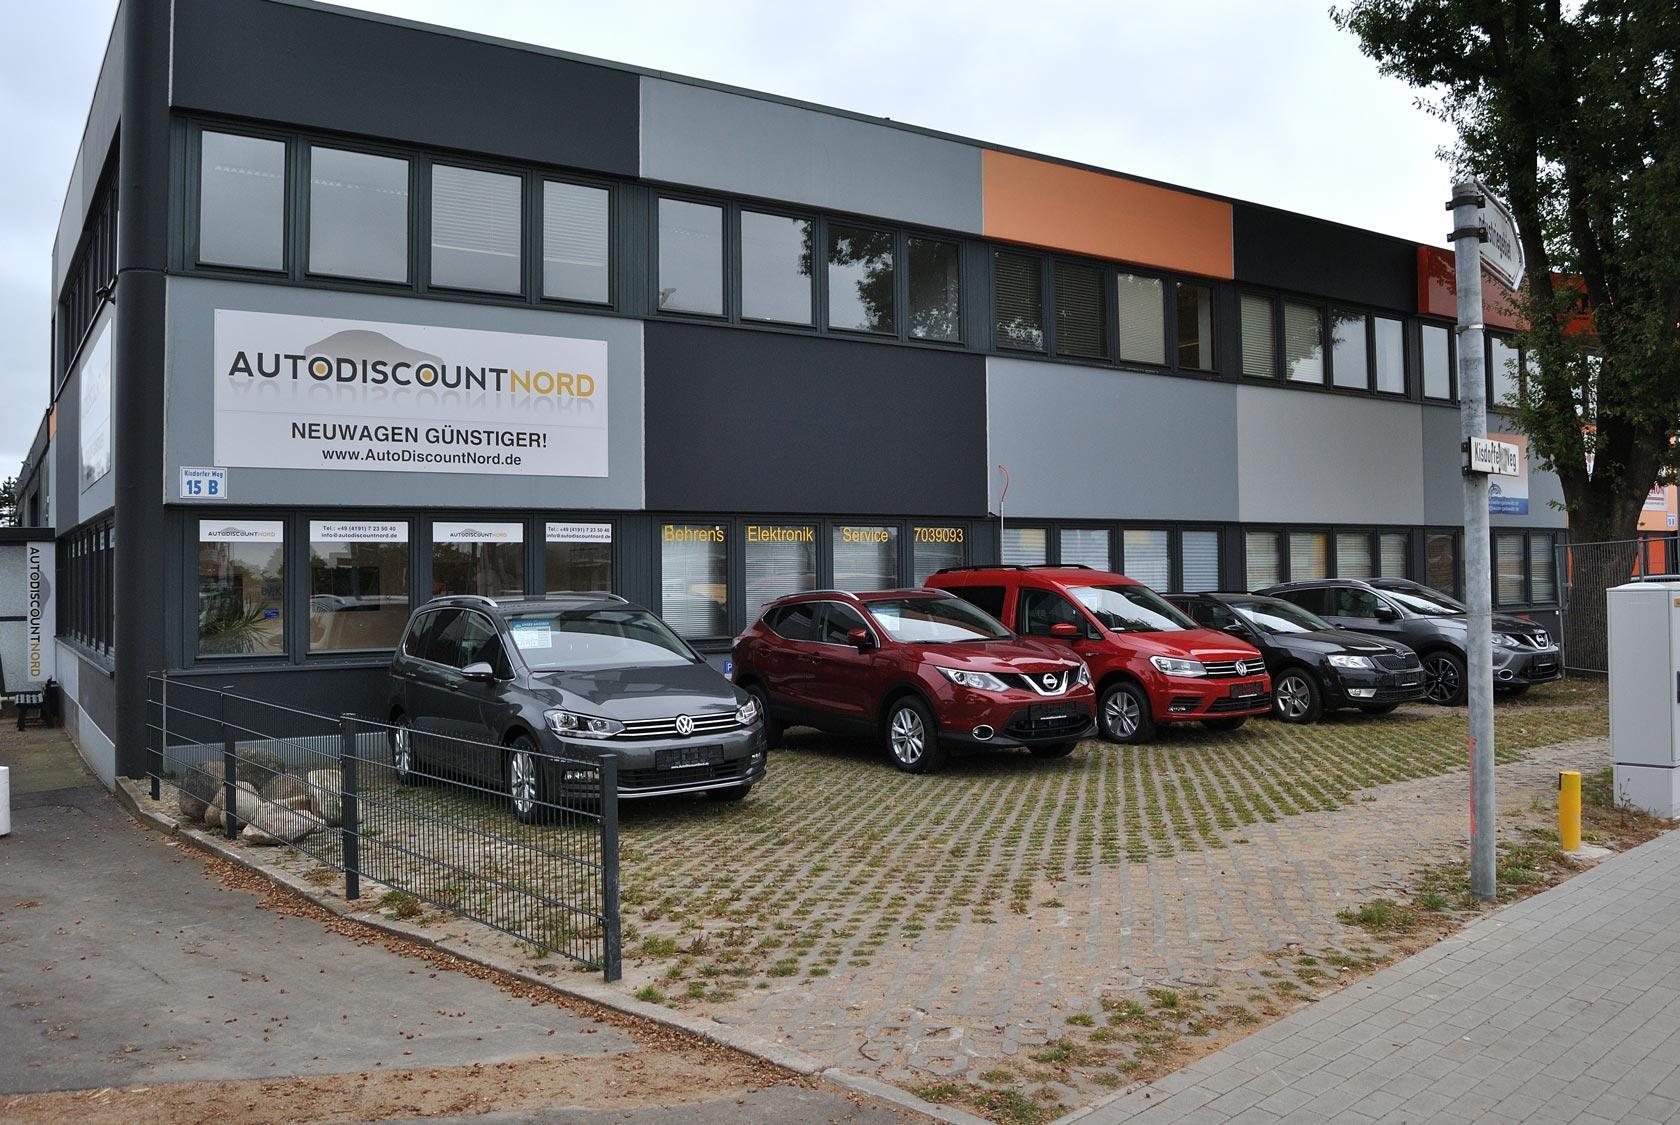 AutoDiscountNord - Individuelle Neufahrzeuge  zu TOP-Konditionen!